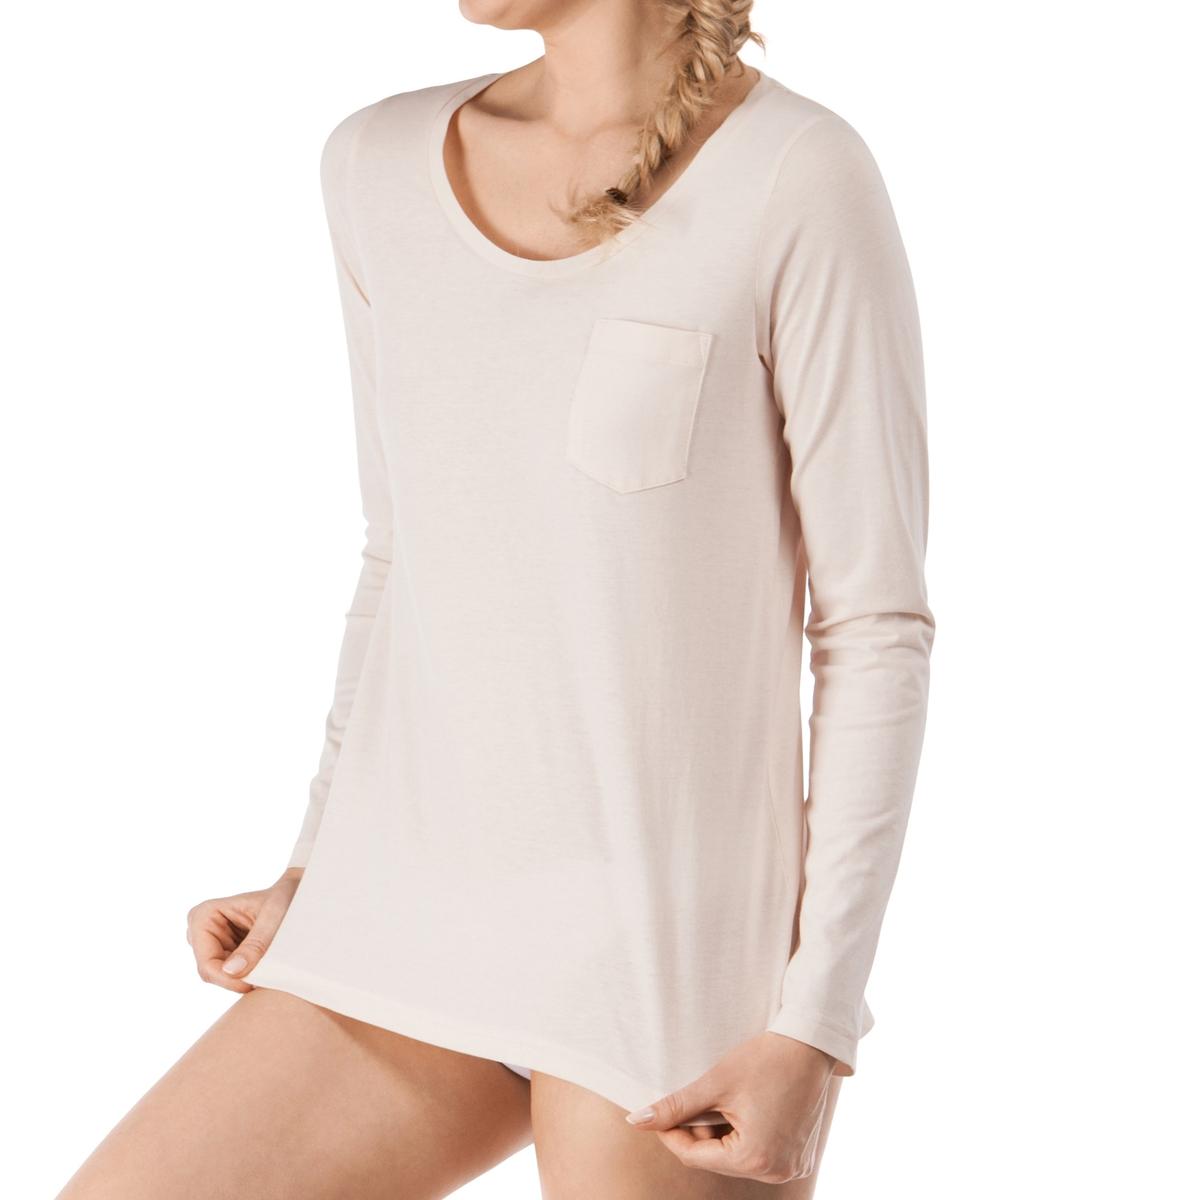 Футболка из хлопка, Sleep DreamФутболка с длинными рукавами Sleep Dream от Skinny. Стильная футболка с круглым вырезом, отличной отделкой, которую вы будете носить с удовольствием вечером. В этой модели есть небольшой карман сбоку на уровне груди.  Состав и детали :Материал : 100% хлопка Подкладка : -  Марка : SKINNYУход :Машинная стирка при 30°.Машинная сушка запрещена.Не гладить.<br><br>Цвет: розовый<br>Размер: 36 (FR) - 42 (RUS)